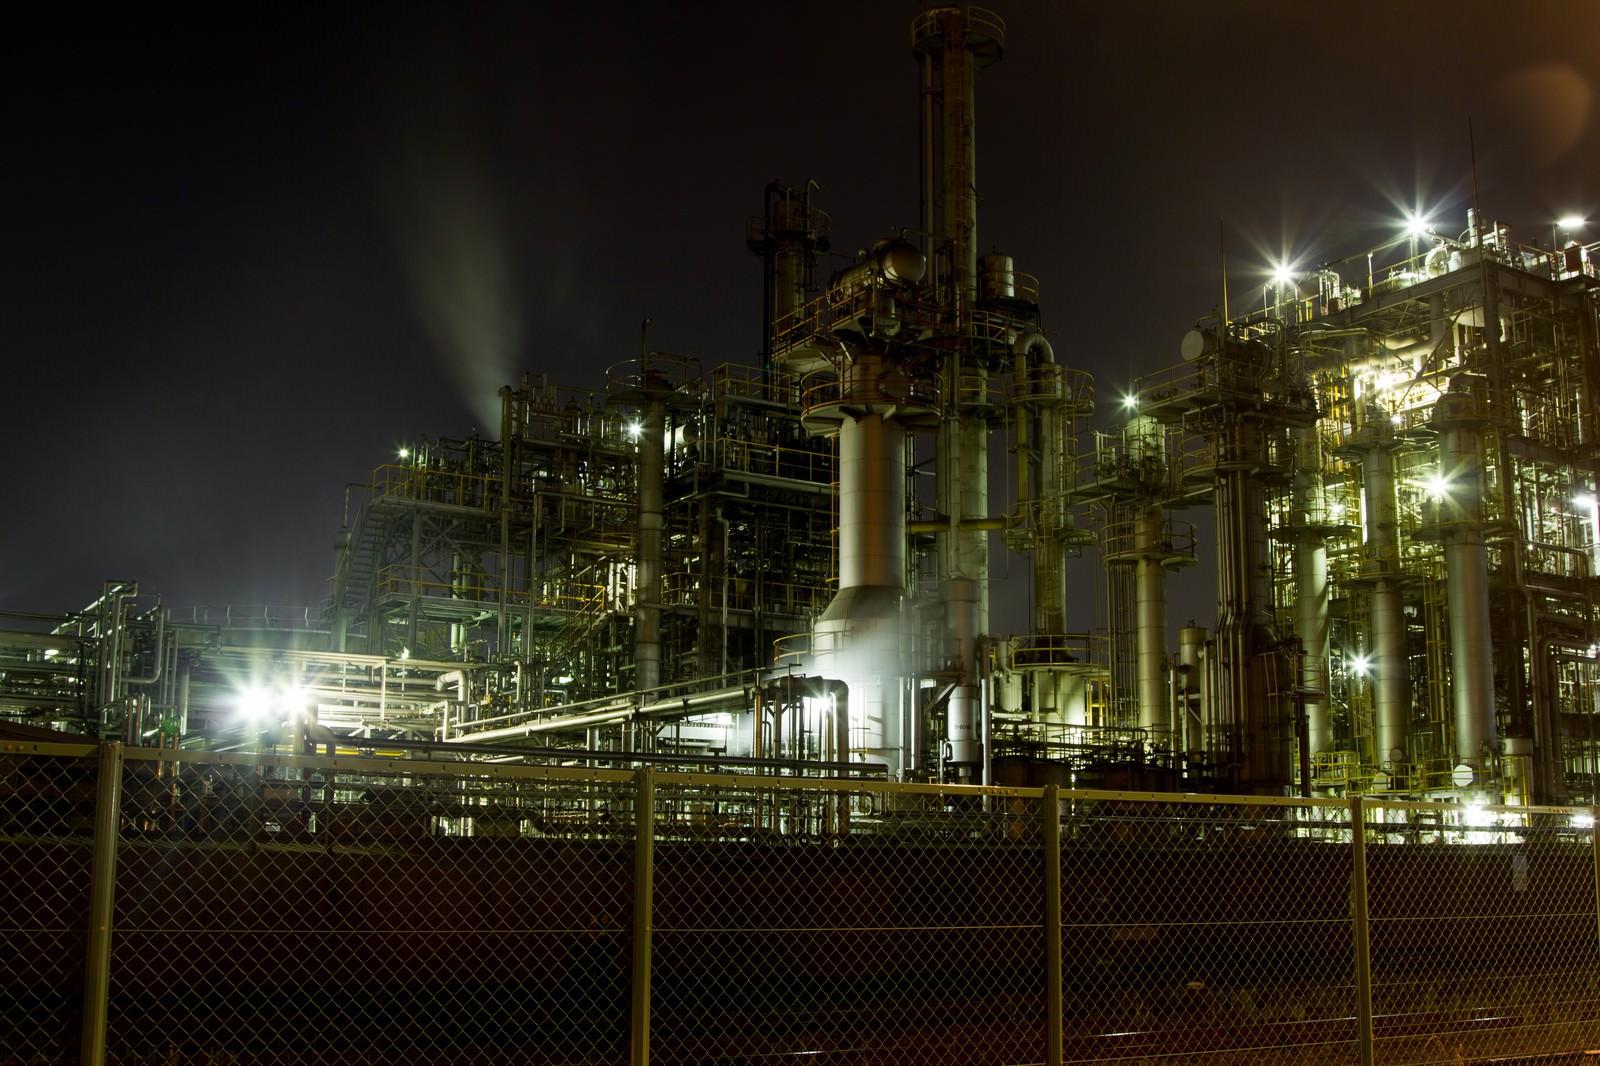 フェンスとライトアップされる工場のフリー素材